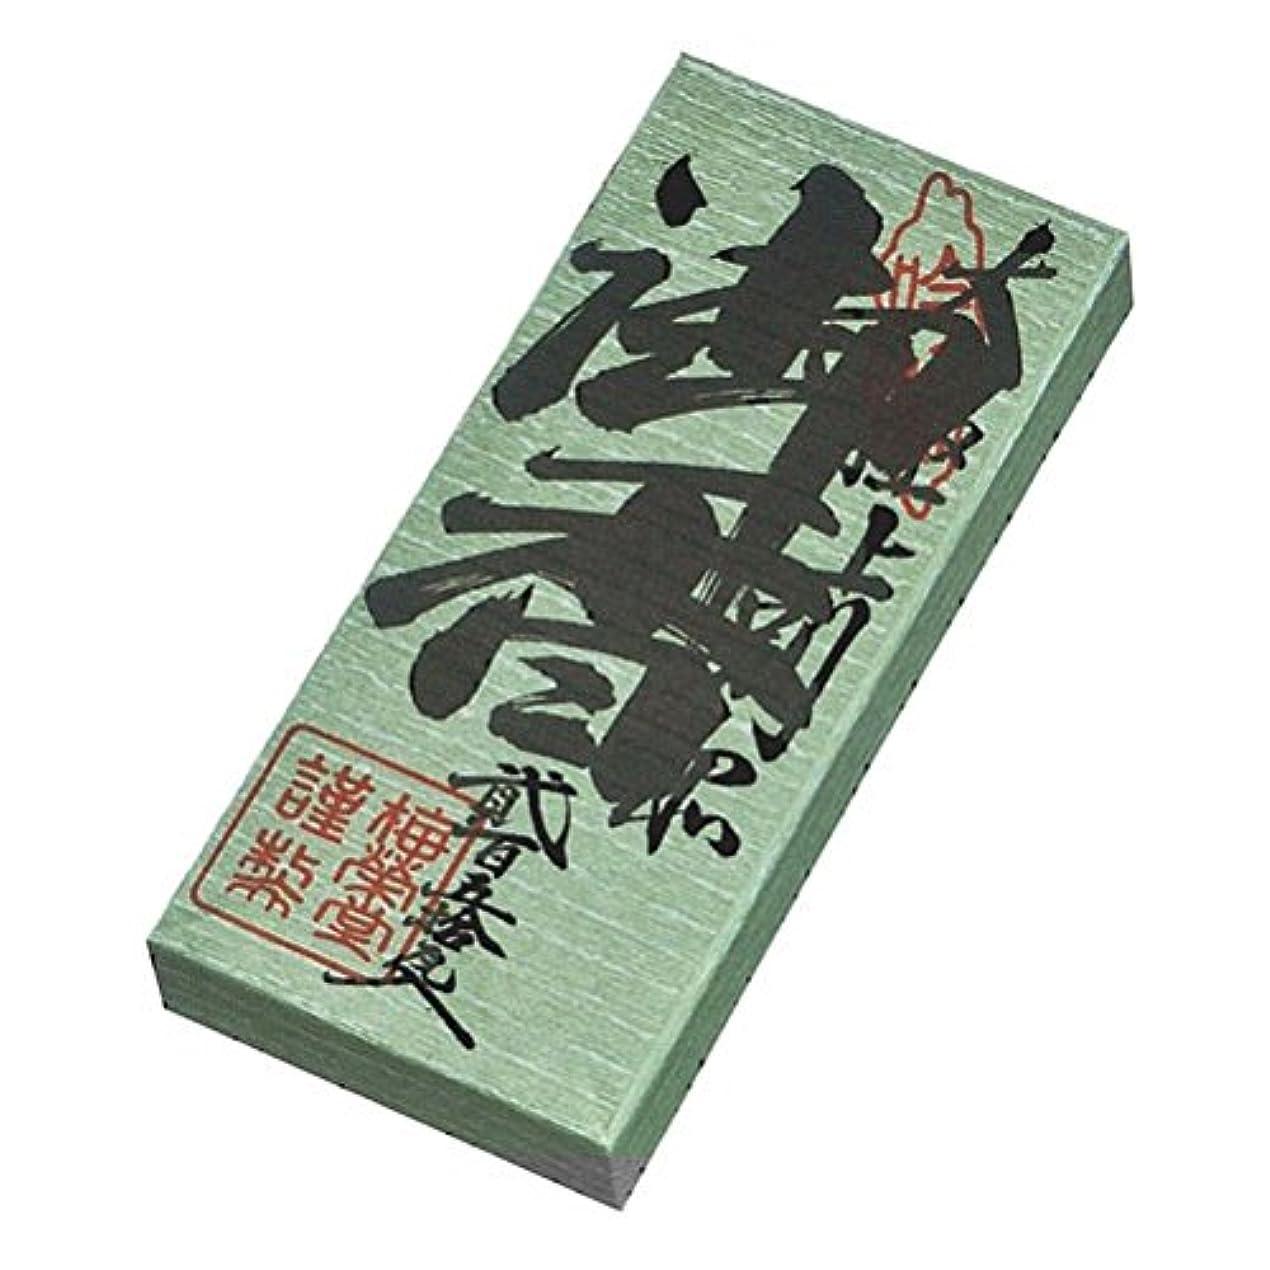 床を掃除する黙滴下極上鳳龍印 250g 紙箱入り お焼香 梅栄堂